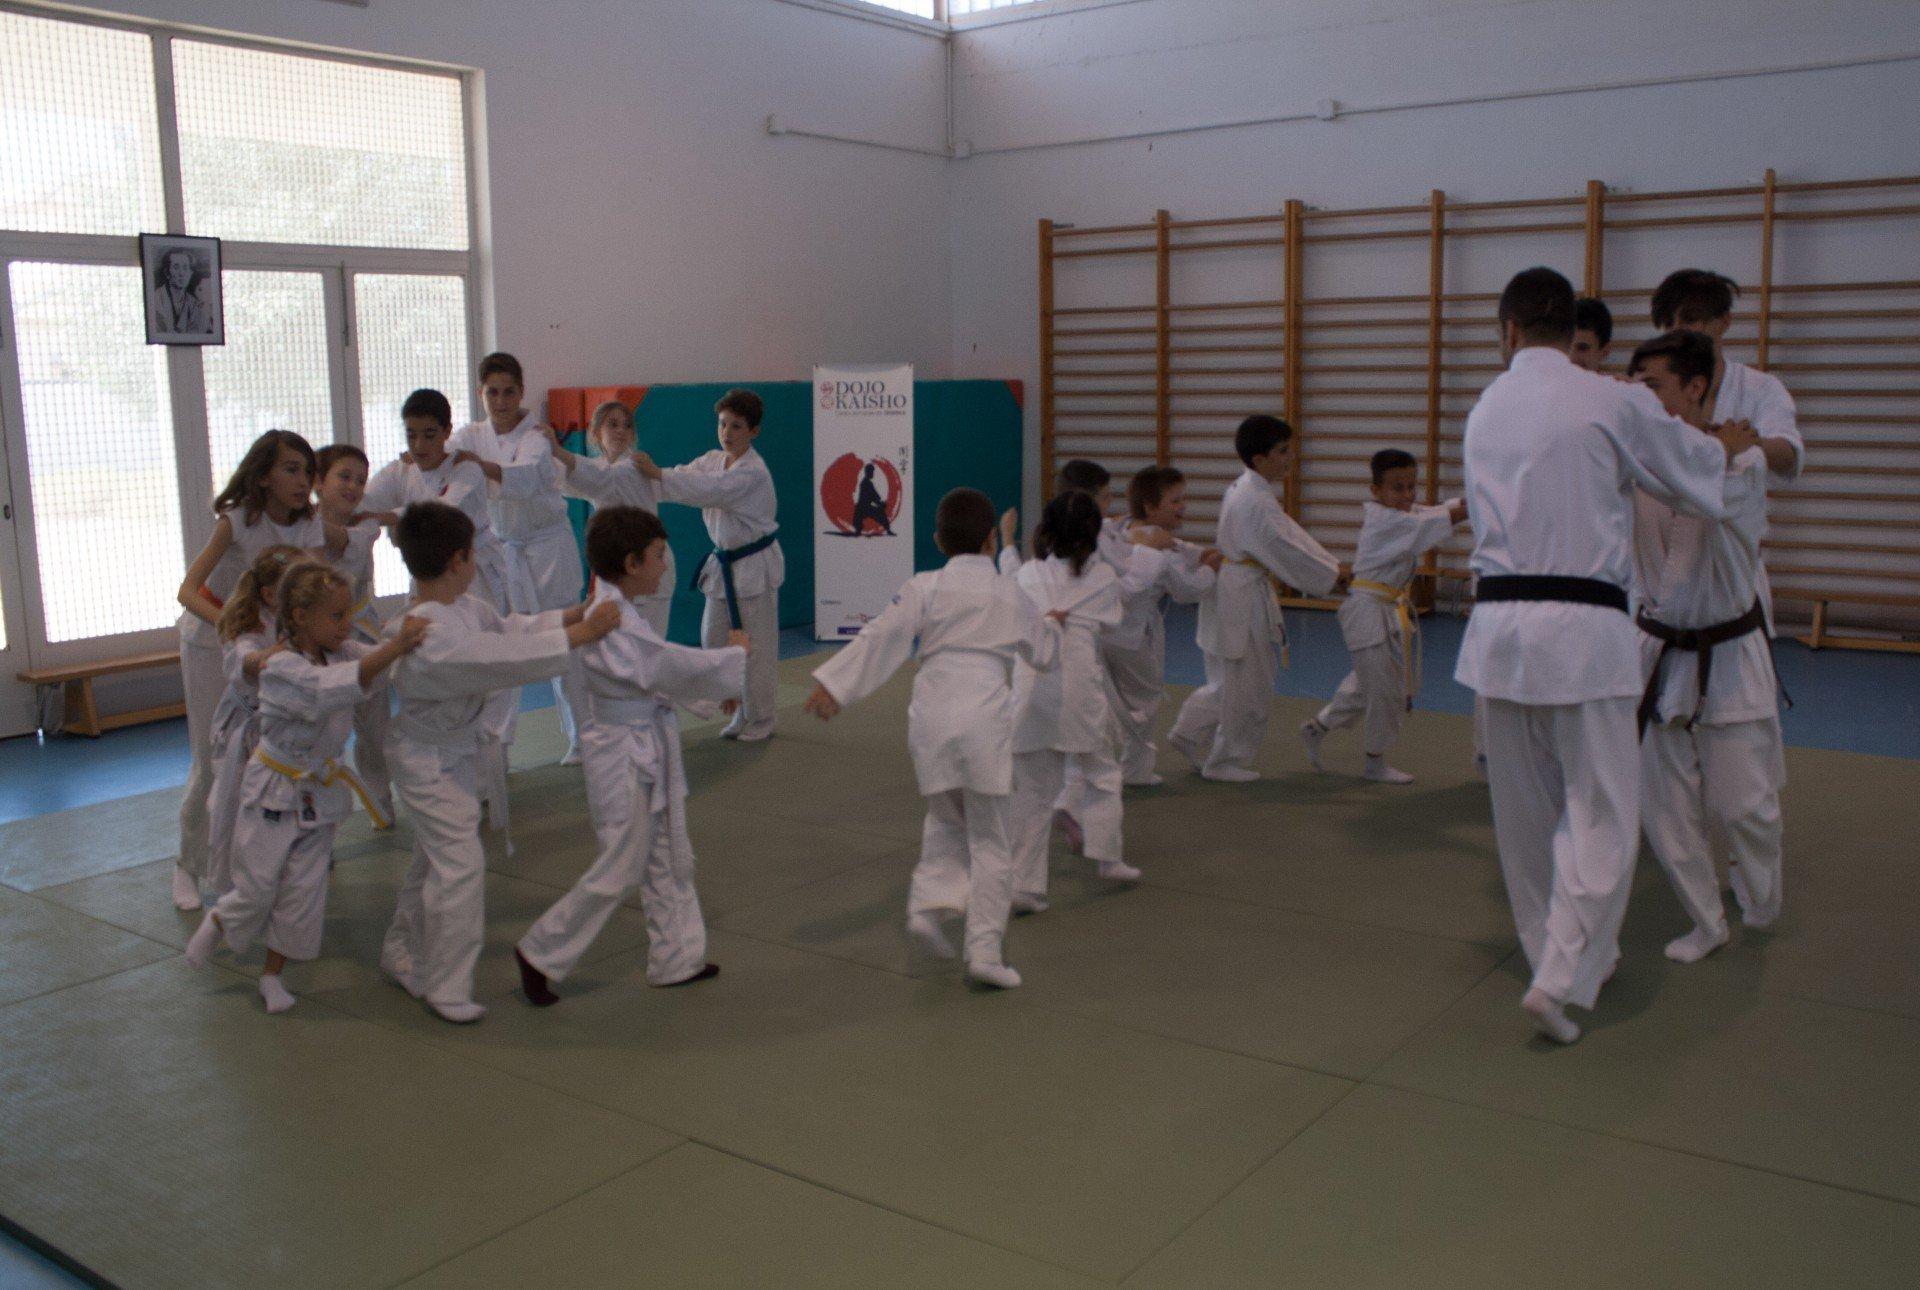 niños jugando a karate en escuela dojo kaisho